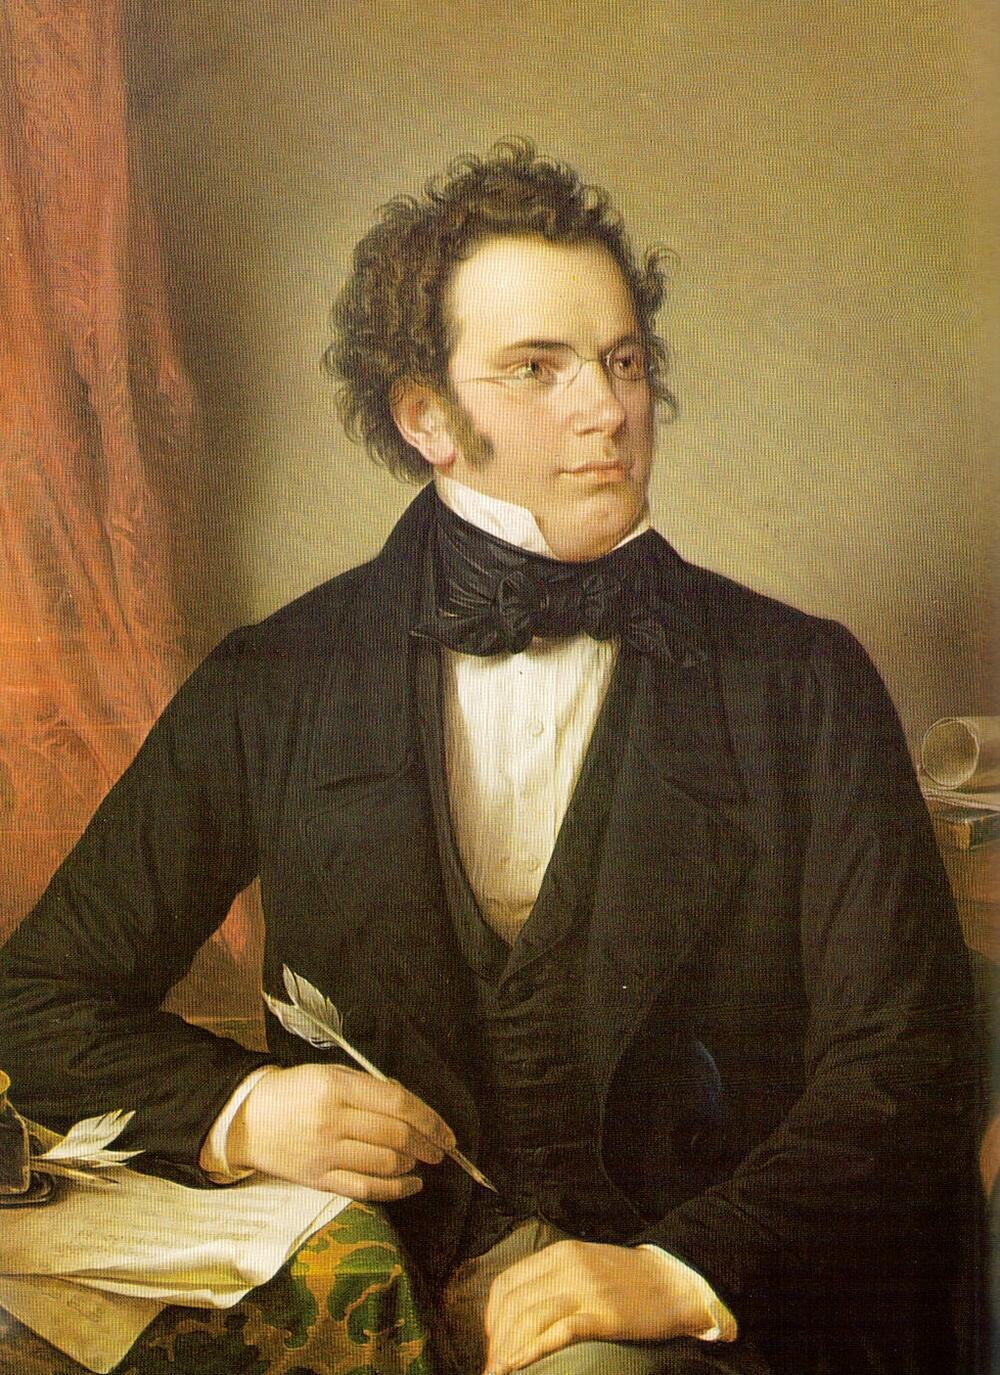 Nhạc sĩ người Áo Franz Schubert (1797-1828)